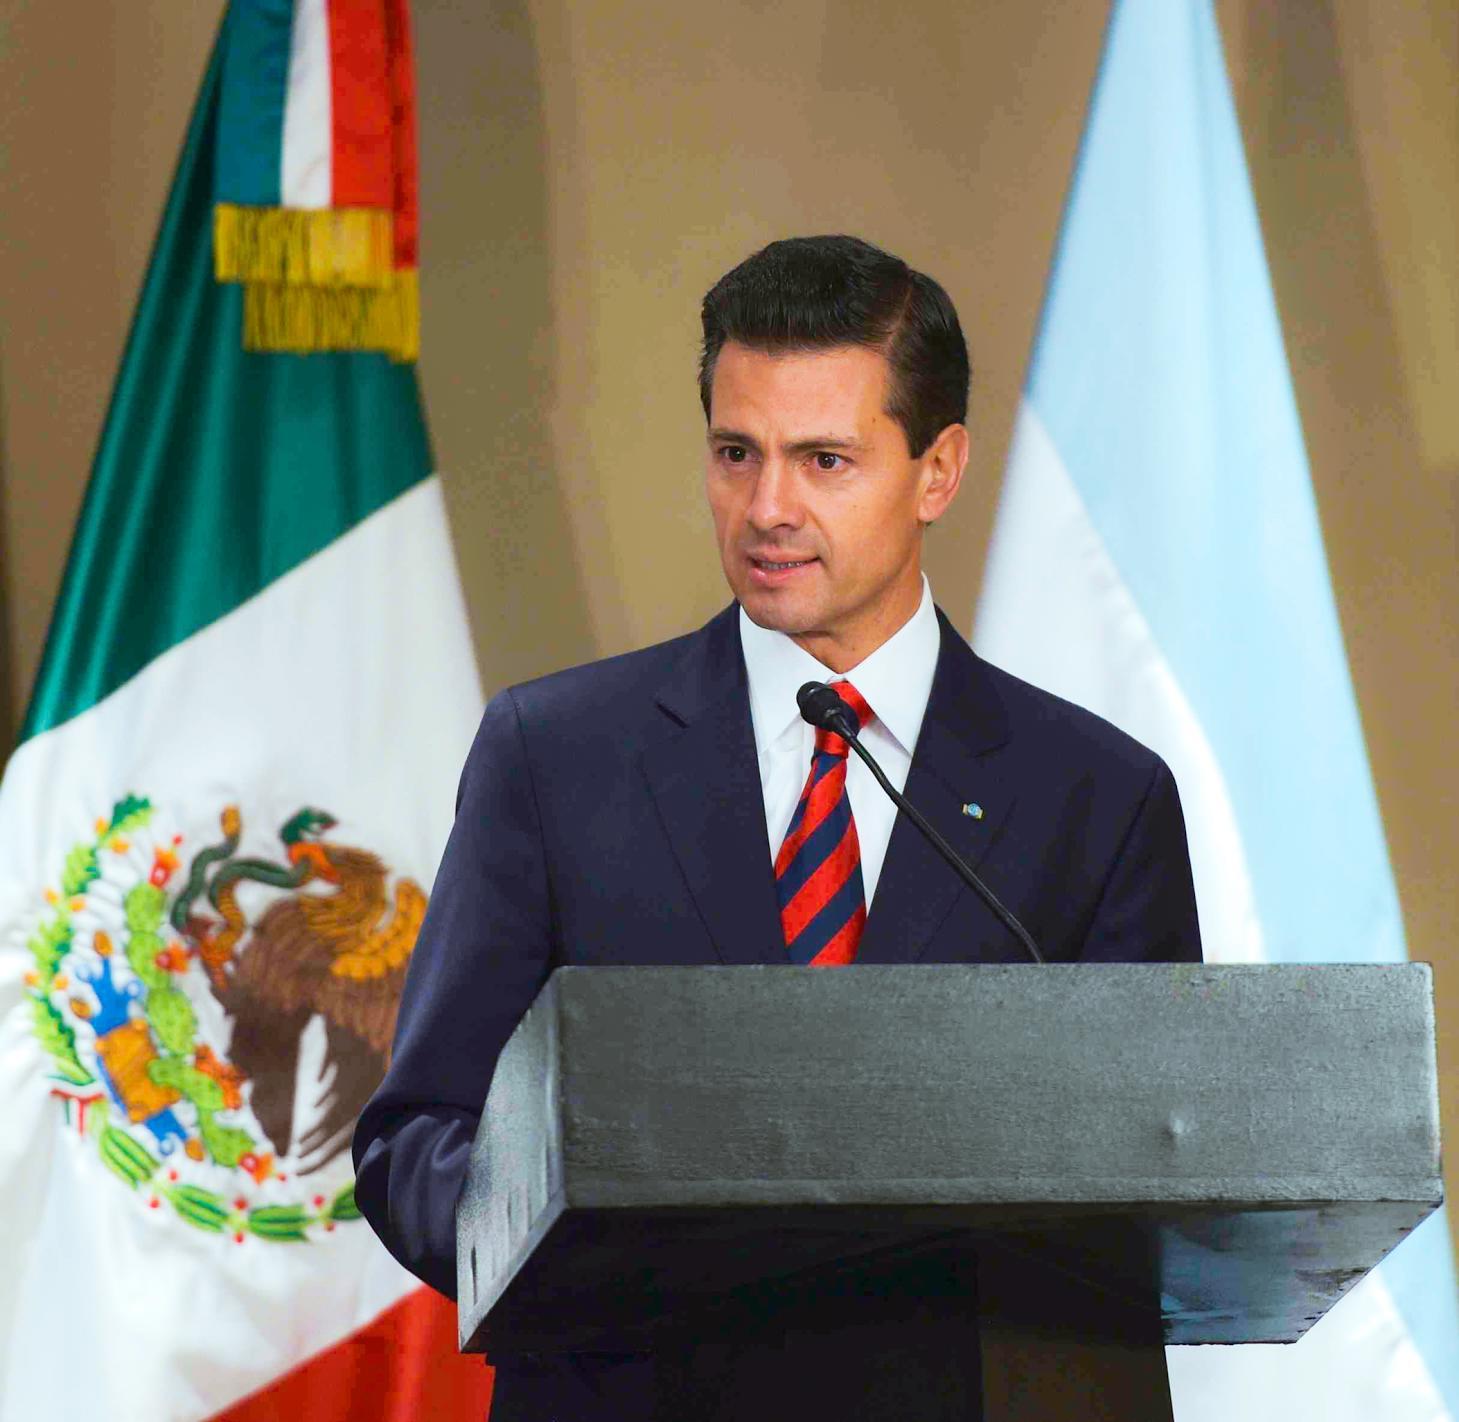 El Primer Mandatario durante su discurso en el Foro de Negocios, en Buenos Aires, Argentina.